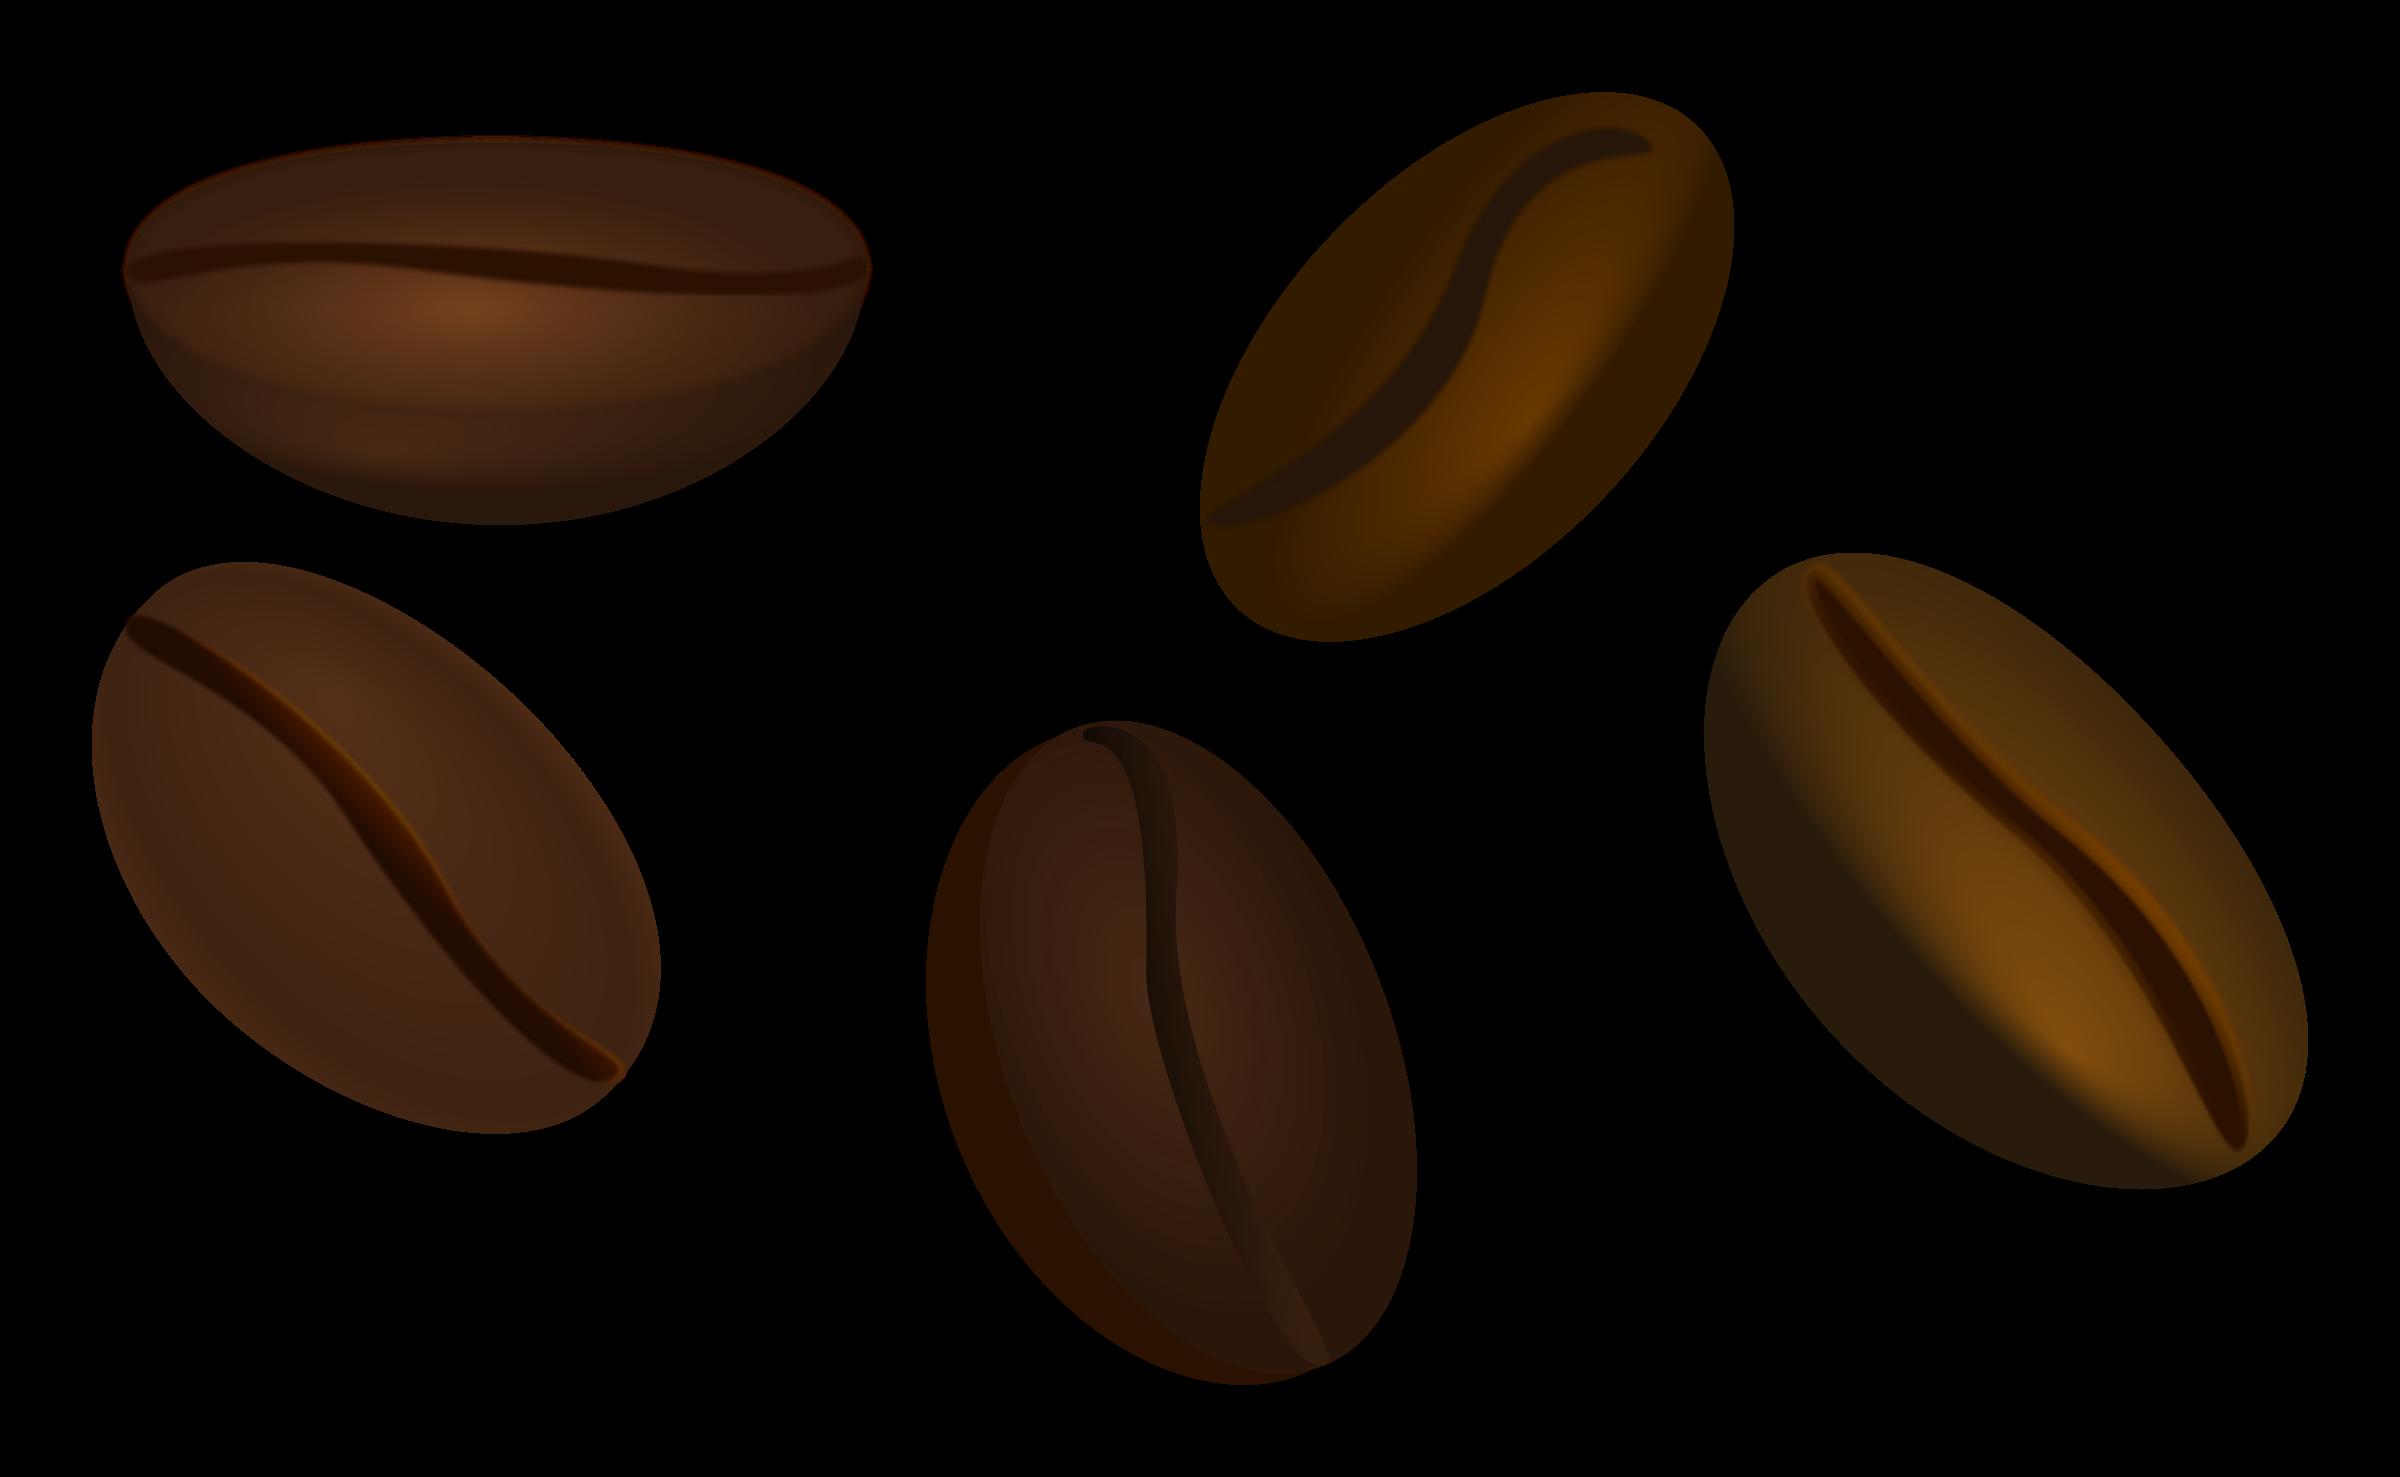 Coffee beans panda free. Bean clipart transparent